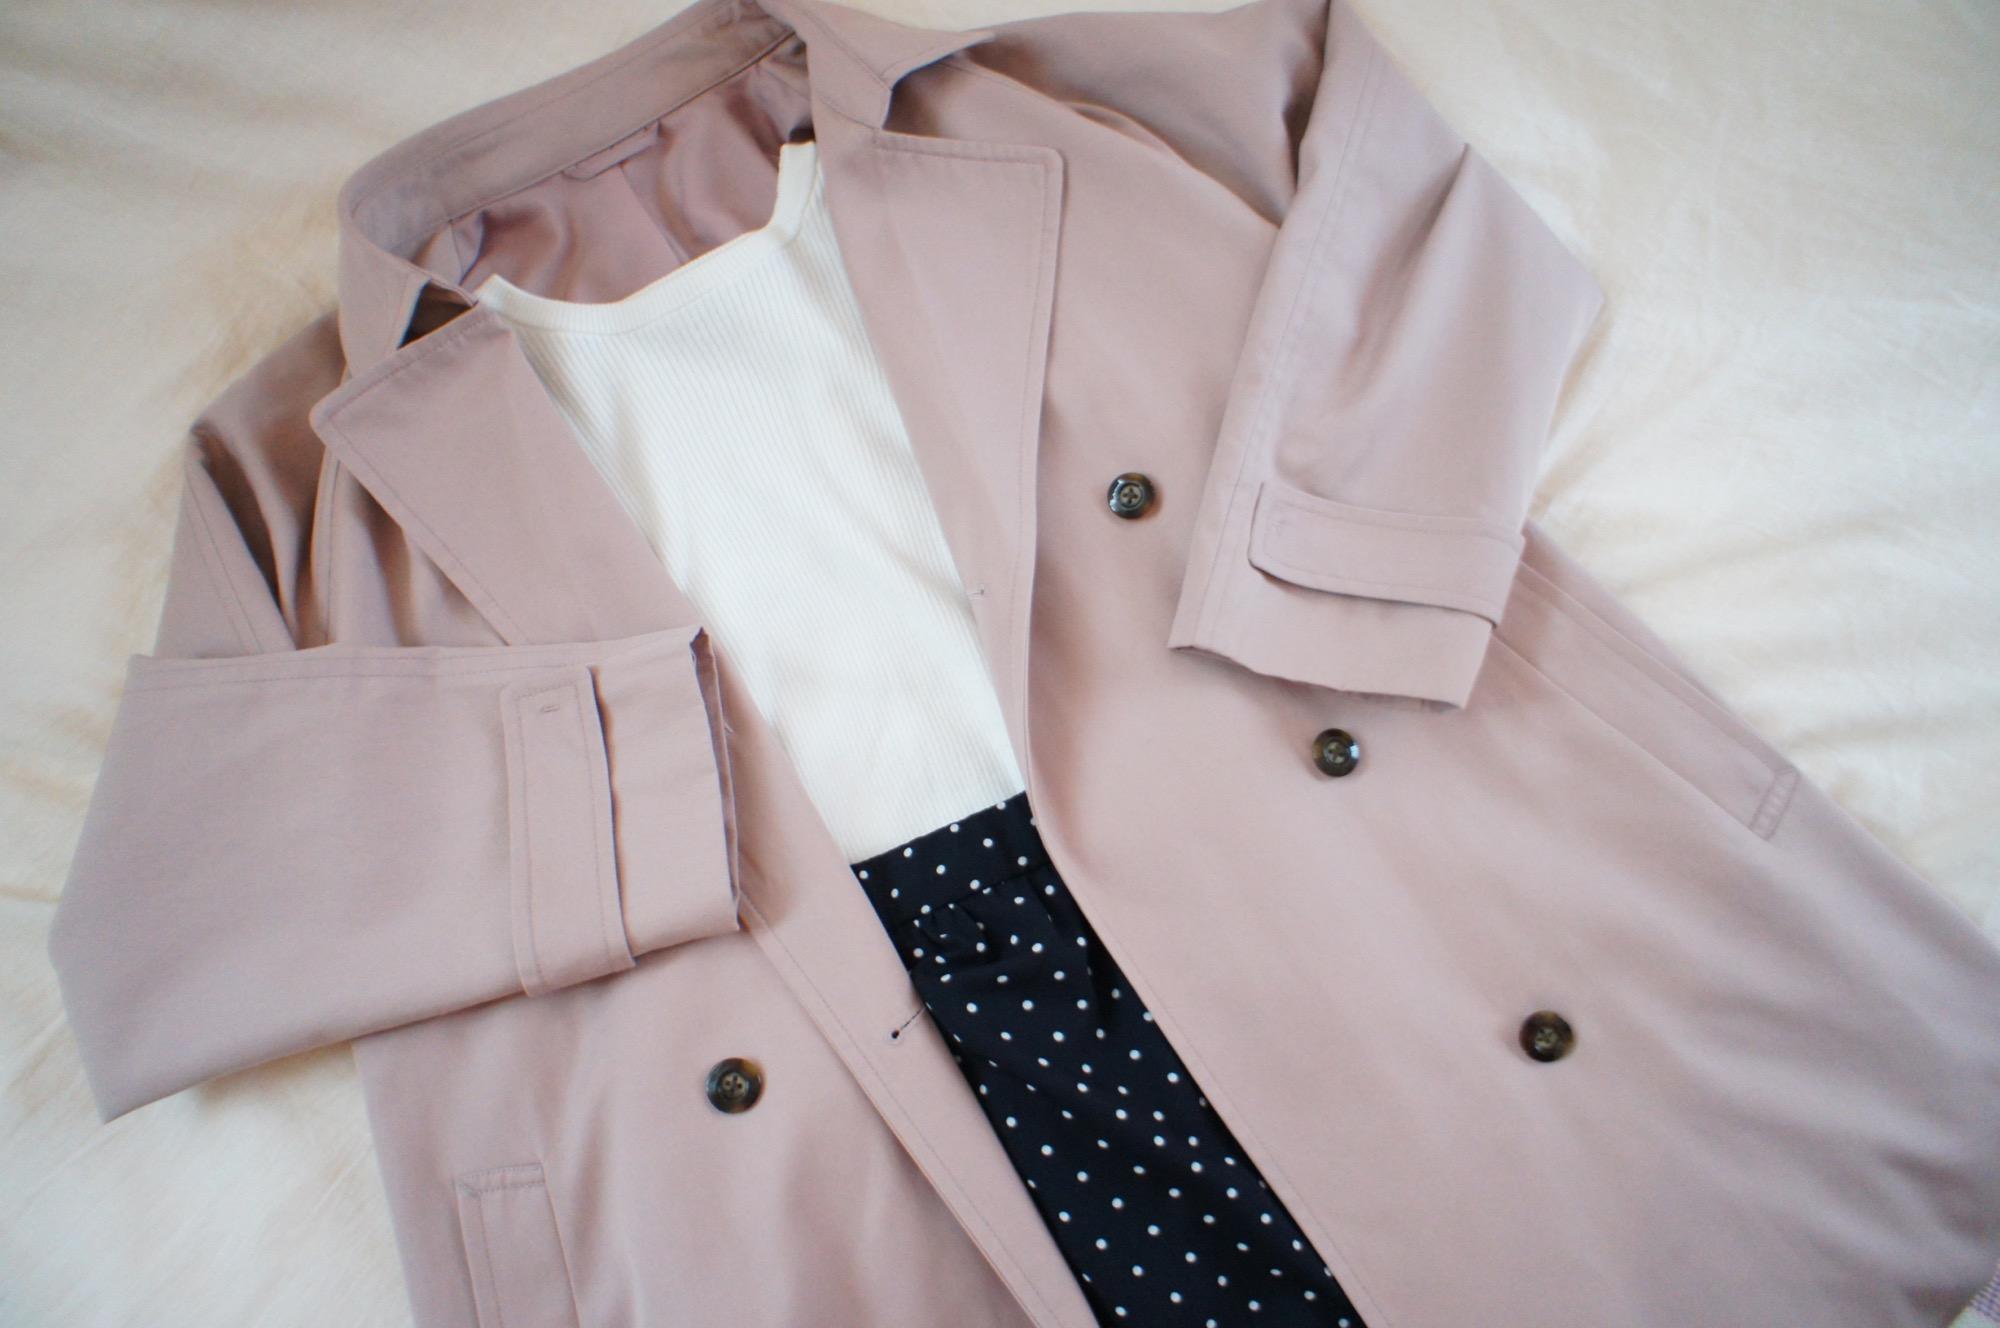 《#170cmトールガール》のプチプラコーデ❤️【GU】人と被らない!くすみピンクのトレンチコートが優秀☻_2